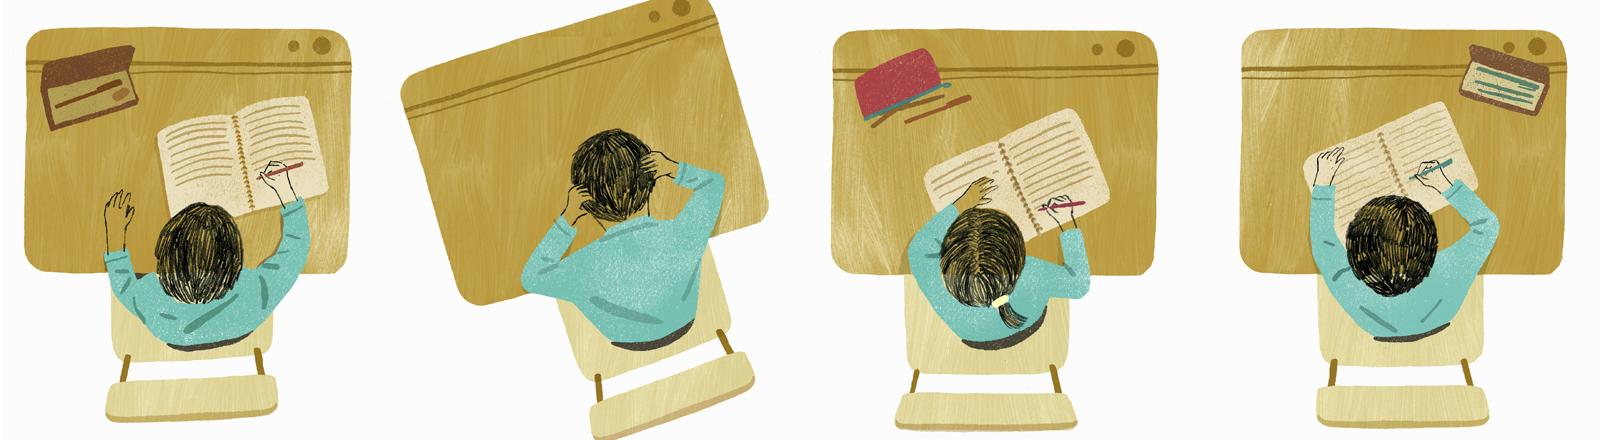 Grafik: Drei Prüflinge sitzen an Tischen. Die Figur in der Mitte stützt den Kopf scheinbar verzweifelt in die Hände.